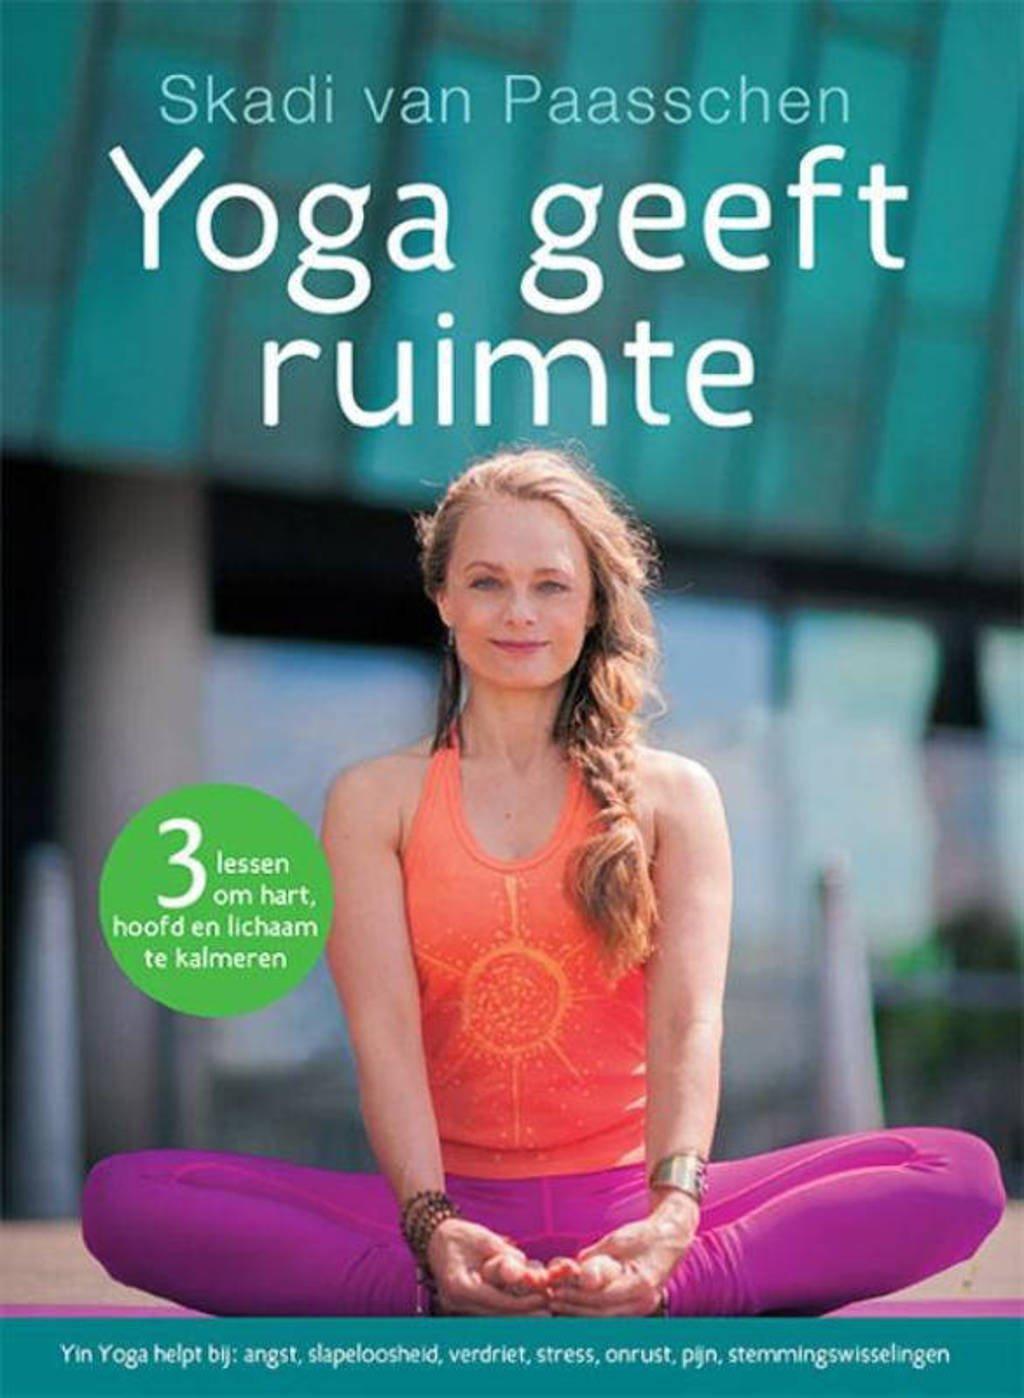 Yoga geeft ruimte - Skadi van Paasschen